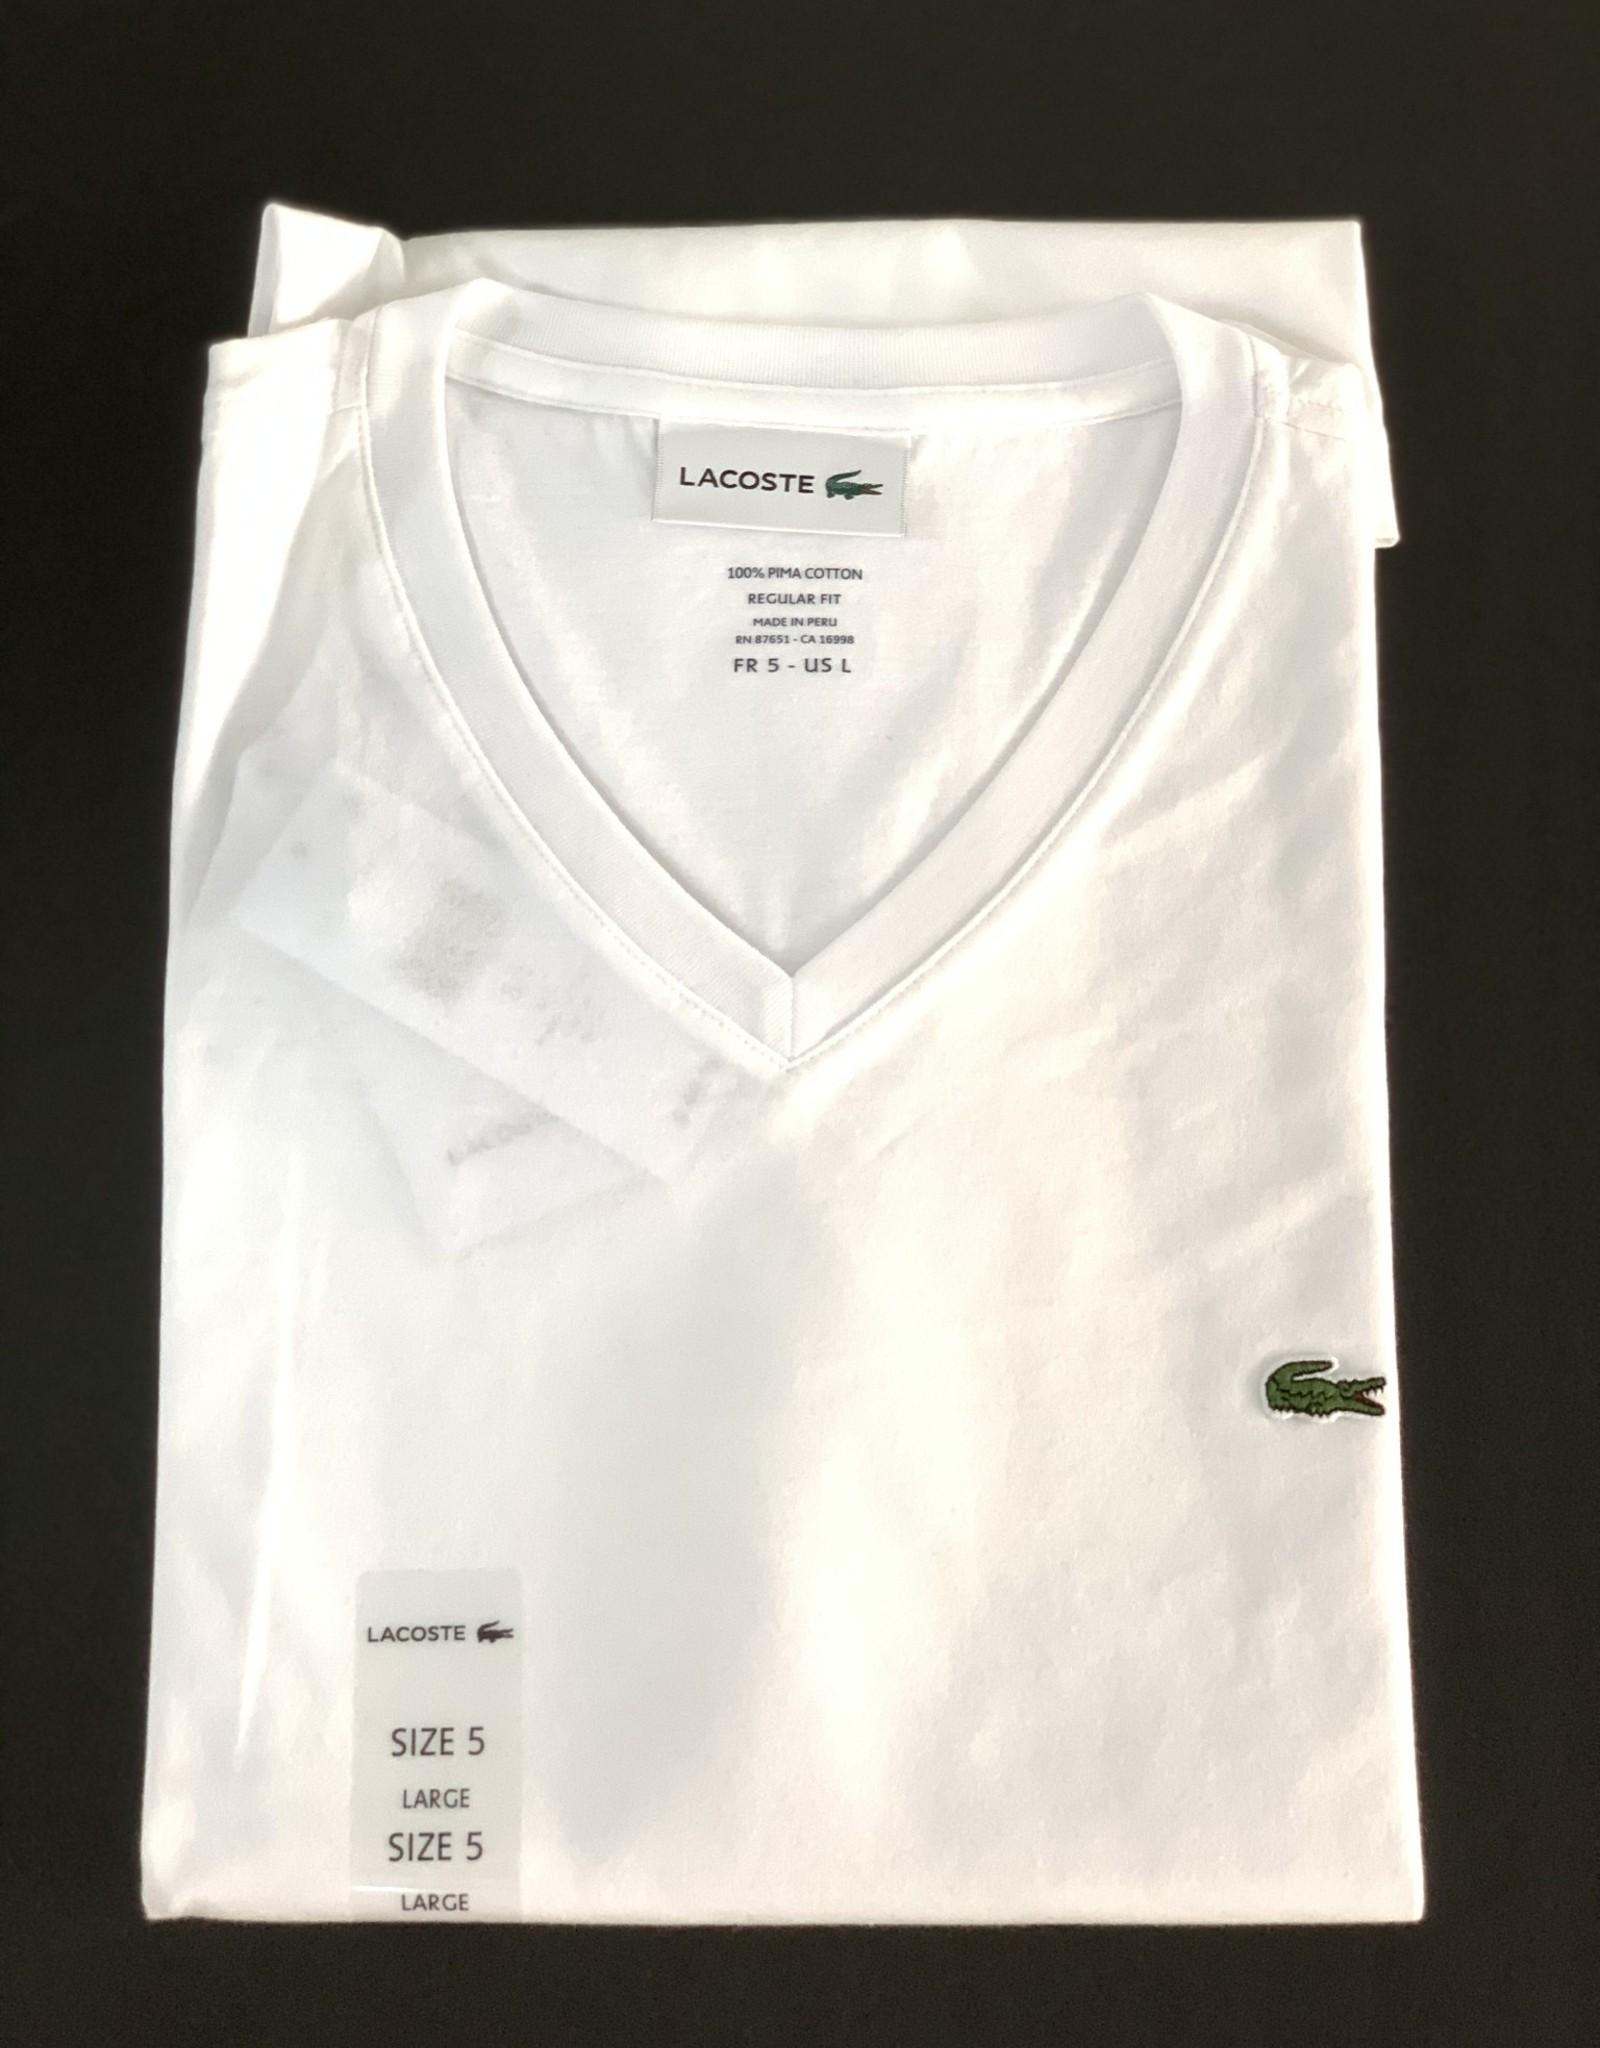 Lacoste Lacoste T-Shirt Regular Fit 100% Pima Cotton V-Neck